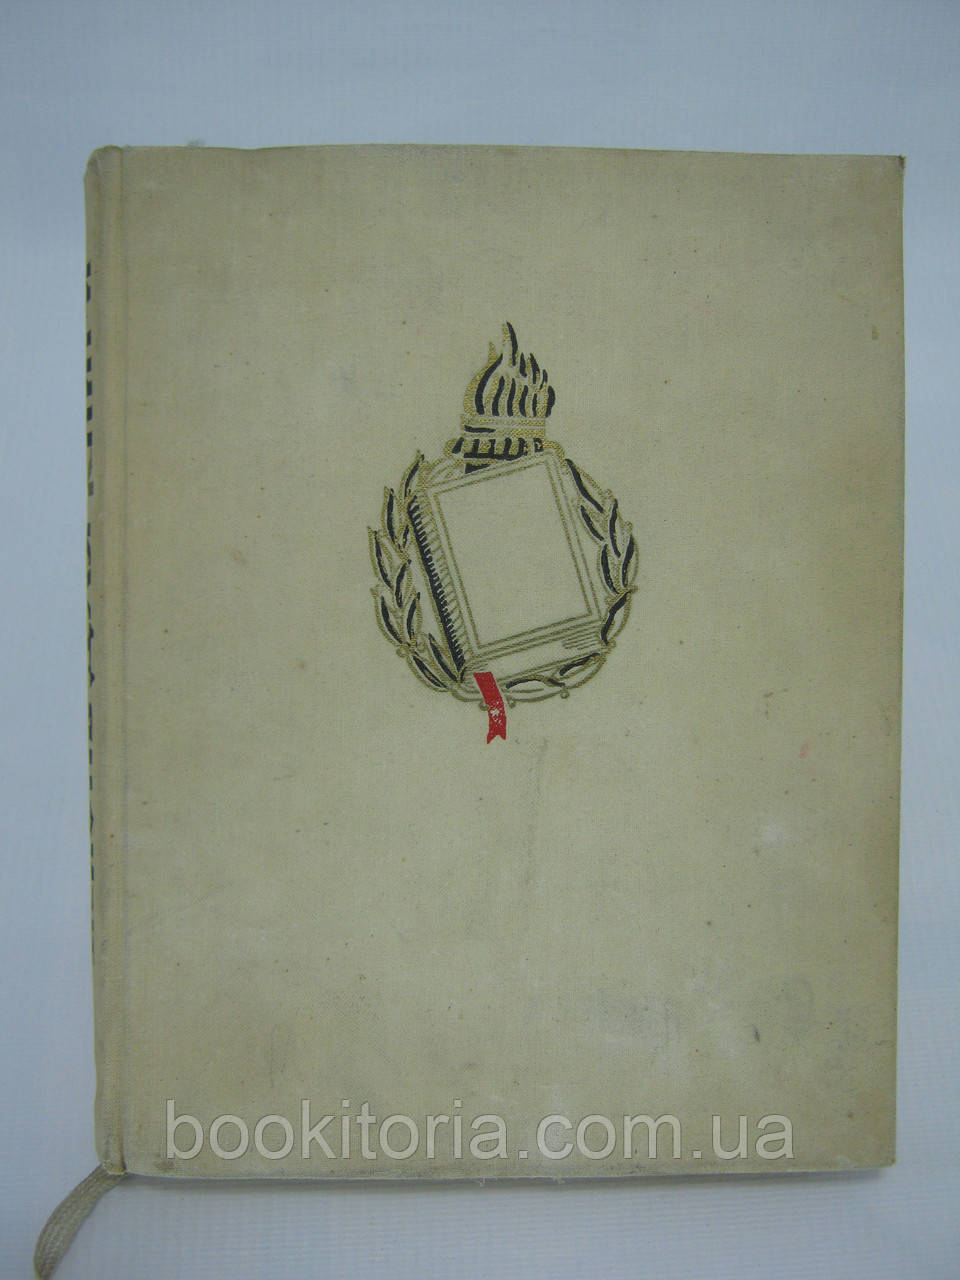 Сытин И.Д. Жизнь для книги (б/у).